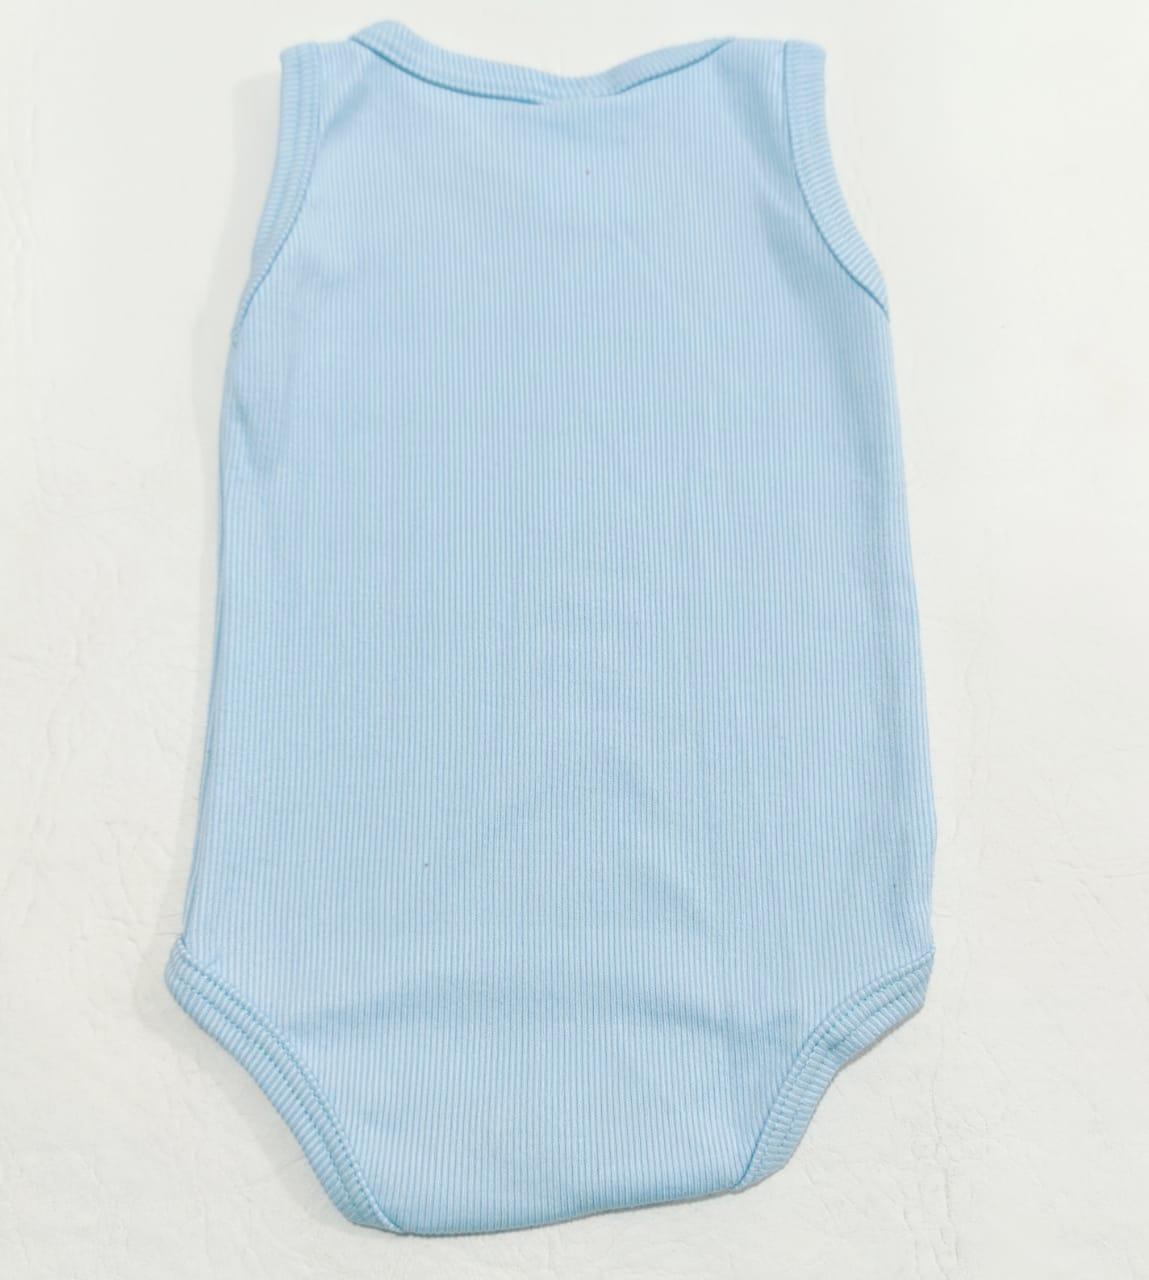 Body Regata - Cores Diversas - 0 à 3 meses - Em Algodão - Yala Baby